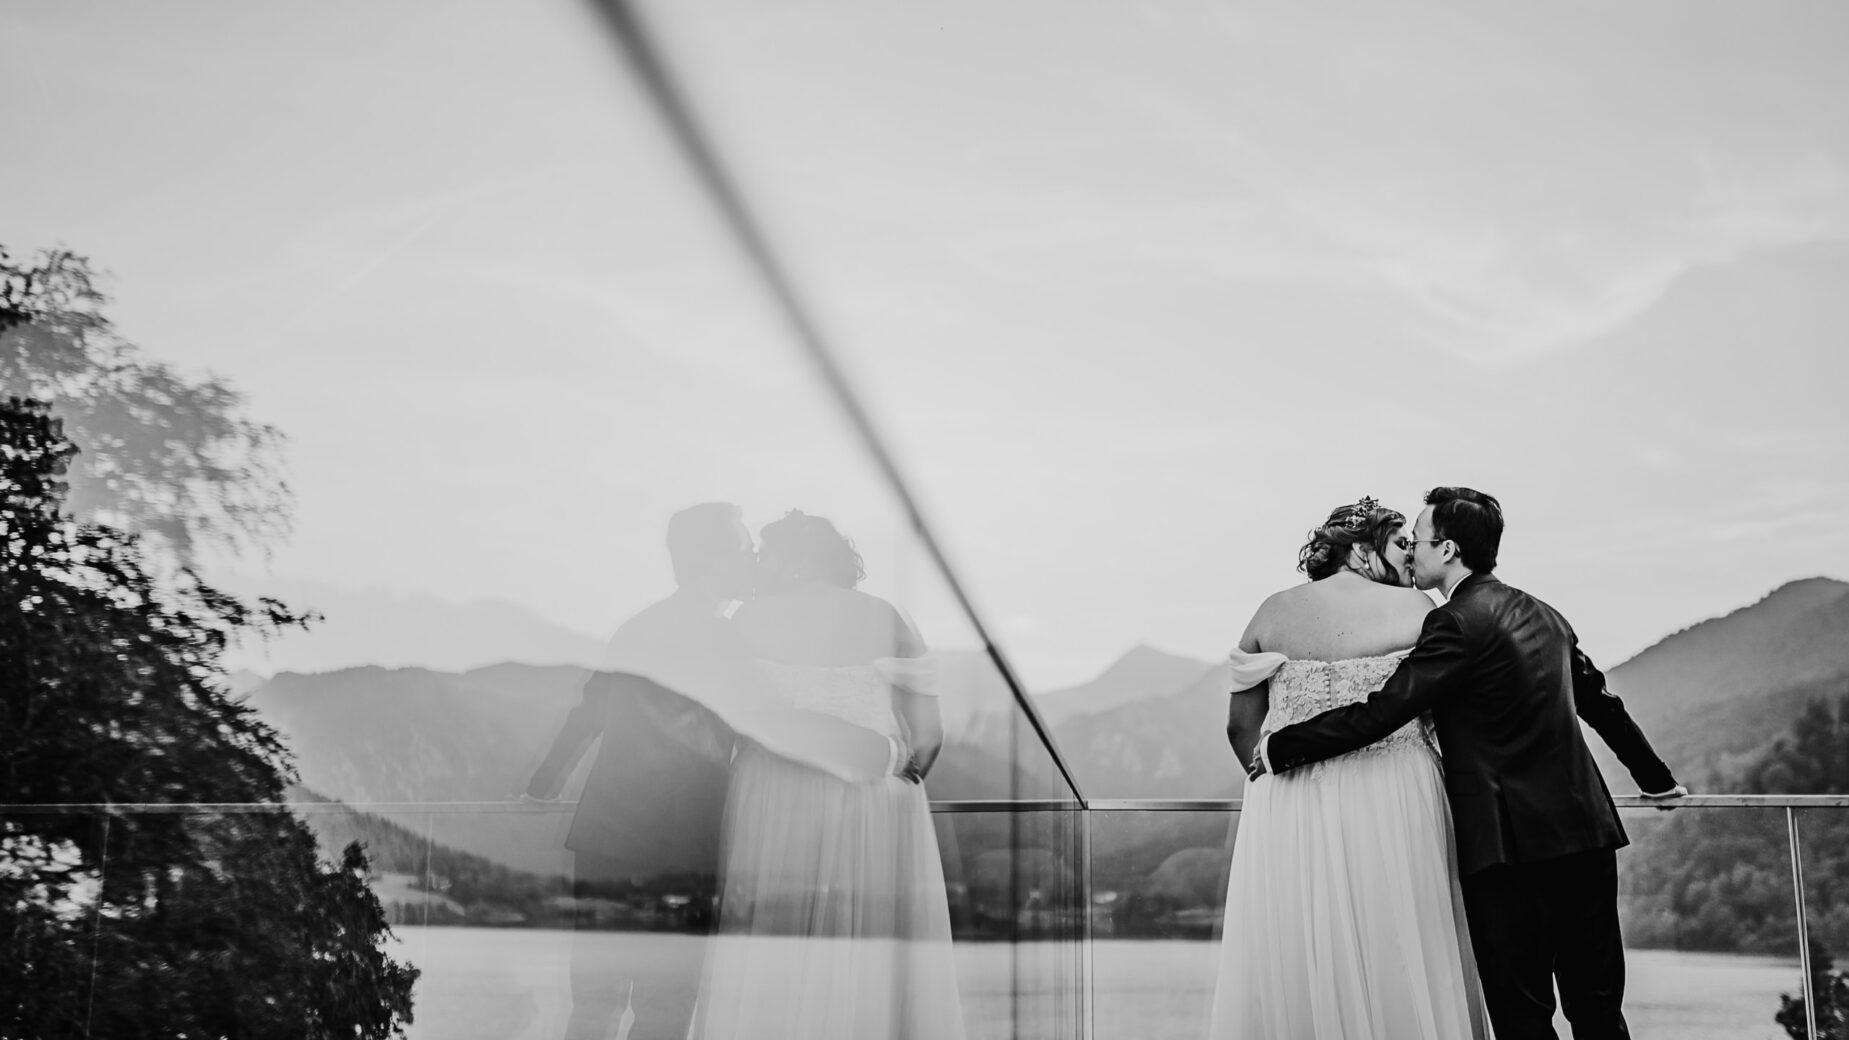 Brautpaarfotos am Schliersee, Hochzeitsreportage in und um München, Ingolstadt, Pfaffenhofen und in den Bergen von Mica Zeitz, Jung und Wild design